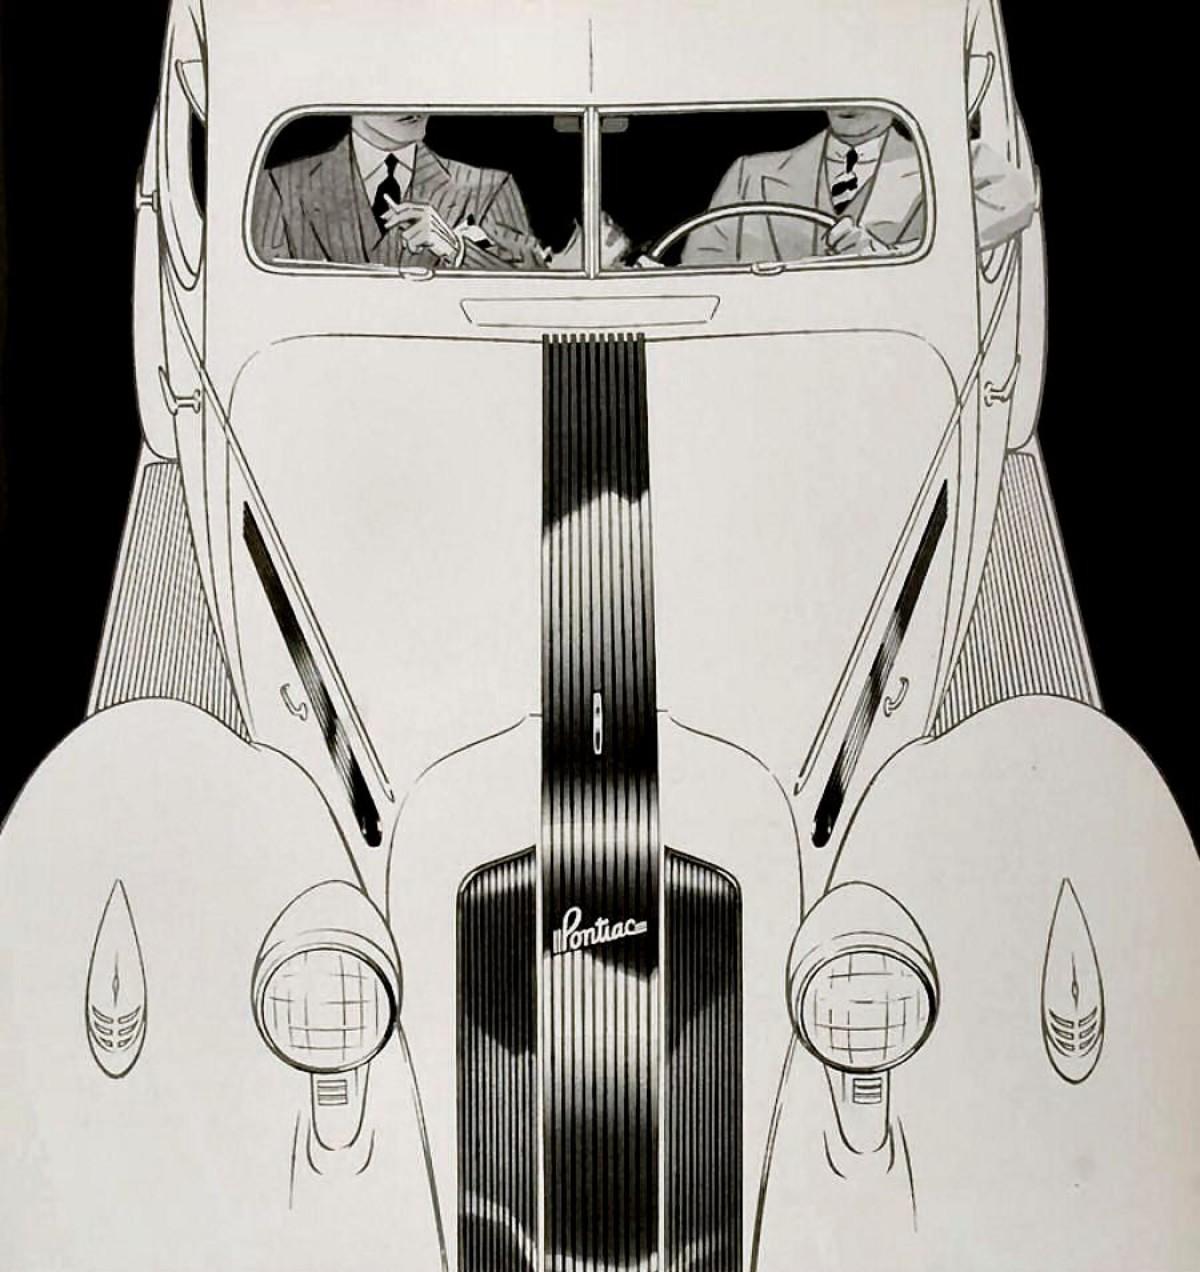 1935 Pontiac with brand identifying silver streaks